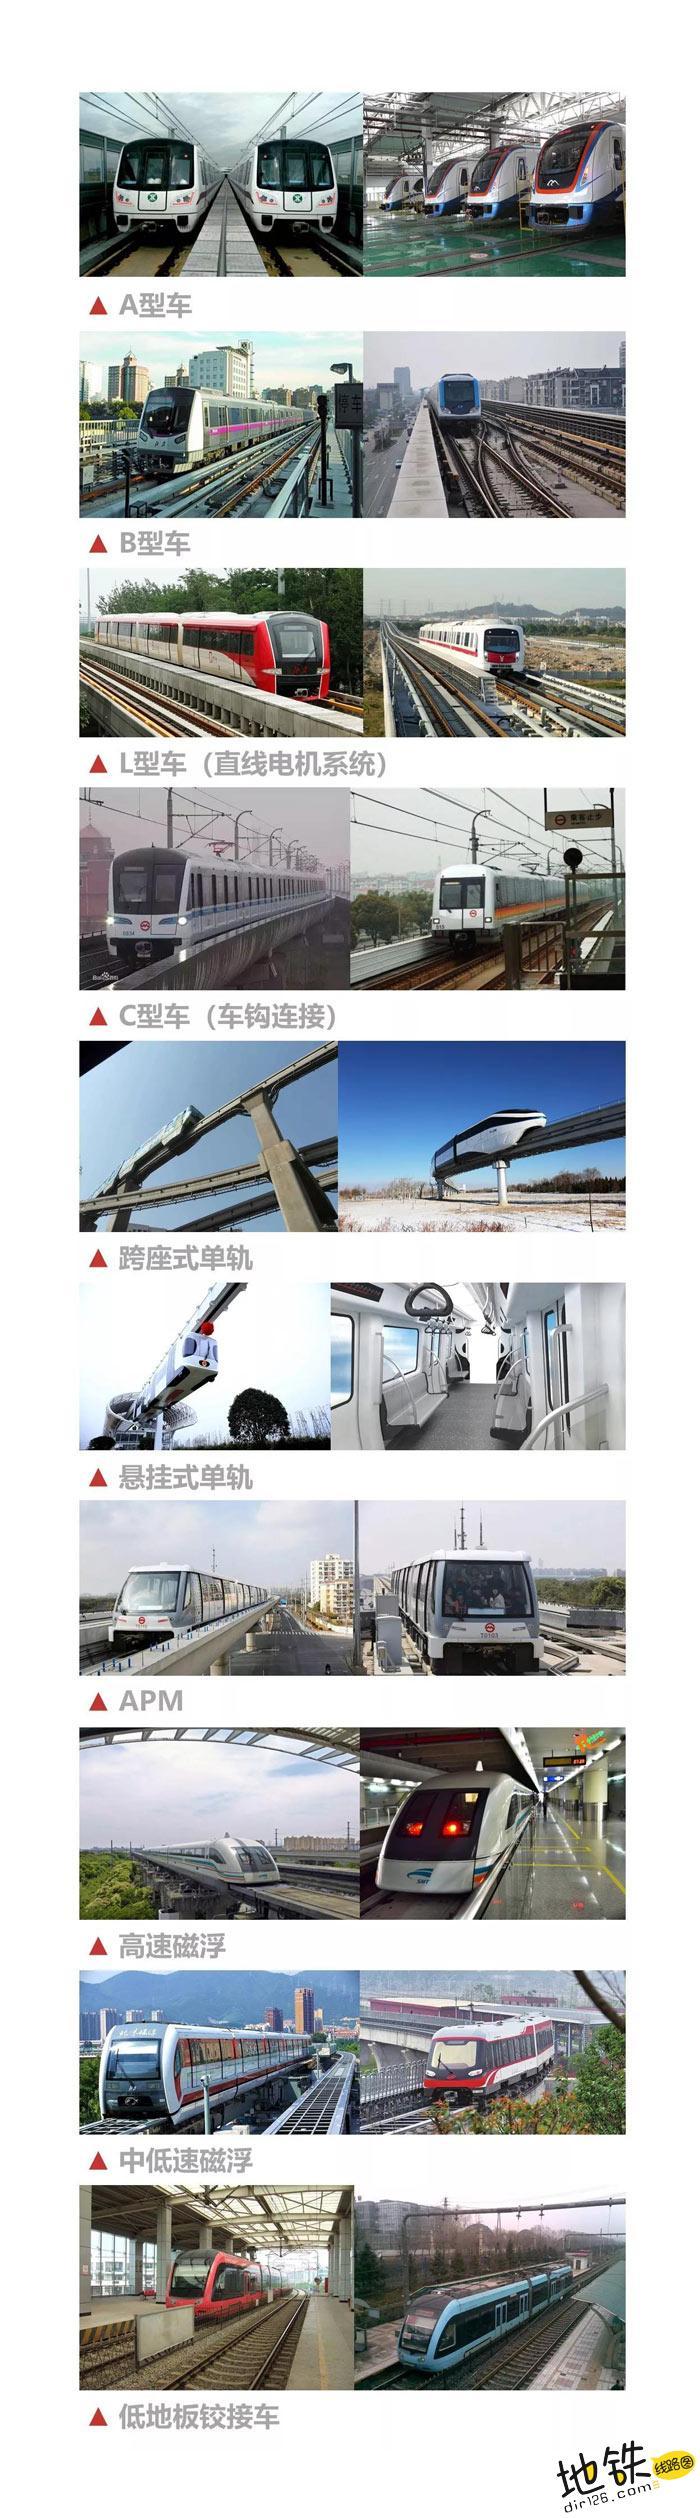 中国地铁50年巨变,震惊世界! 世界 地铁 轨道动态  第4张